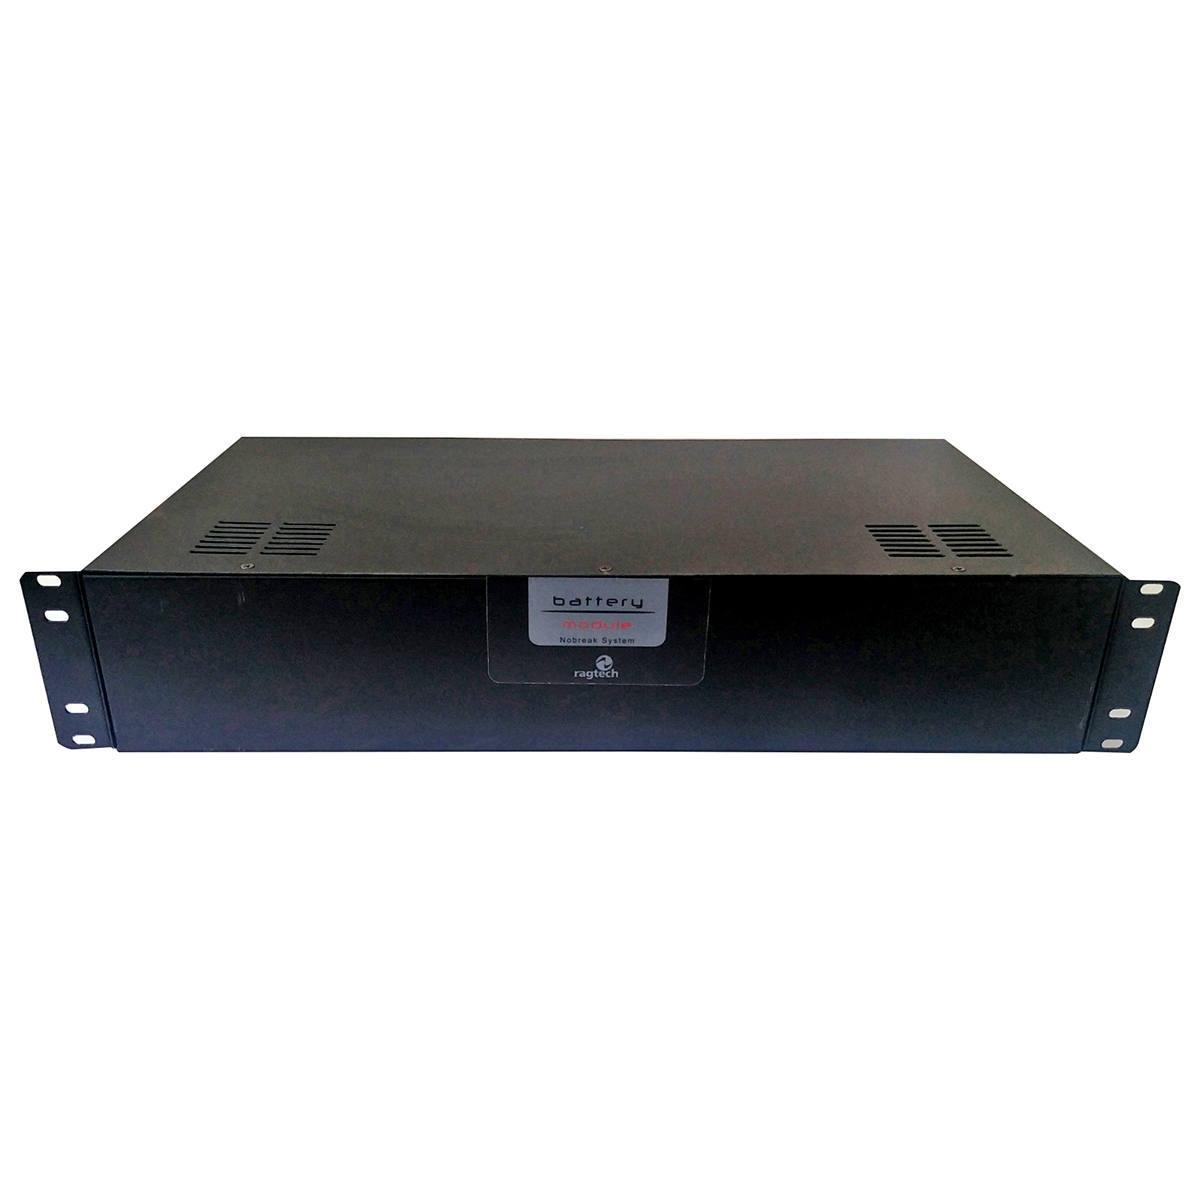 """Módulo de Bateria para Nobreak Rack 19"""" com 4 Baterias Internas de 12V 7Ah e Conector para Bateria Externa Ragtech 4270"""